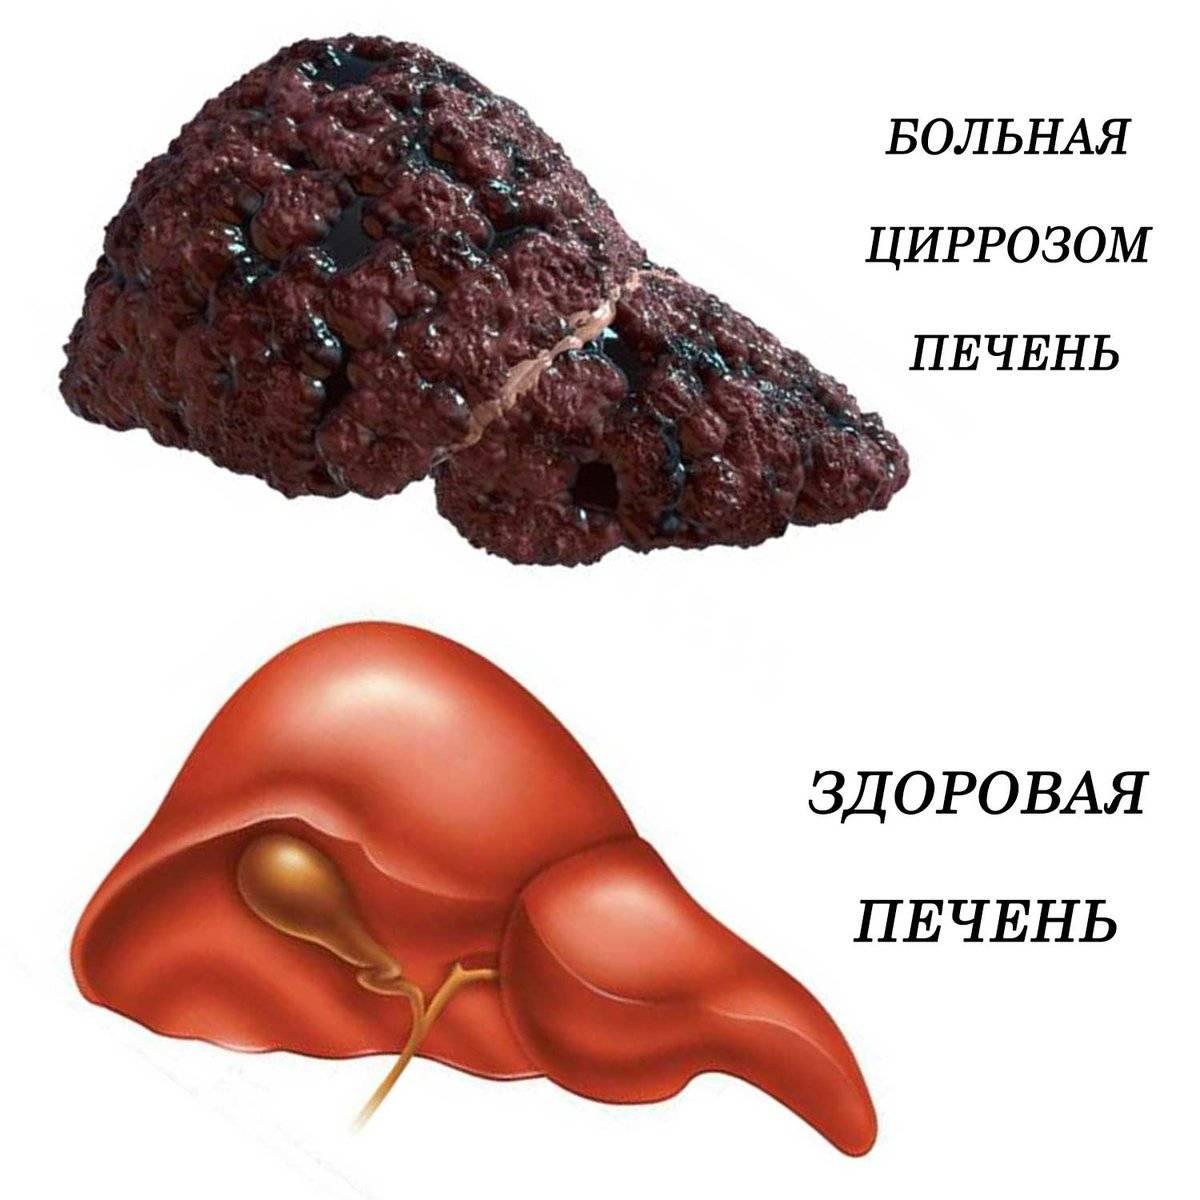 Рак печени на фоне цирроза печени: в чем разница и сходство